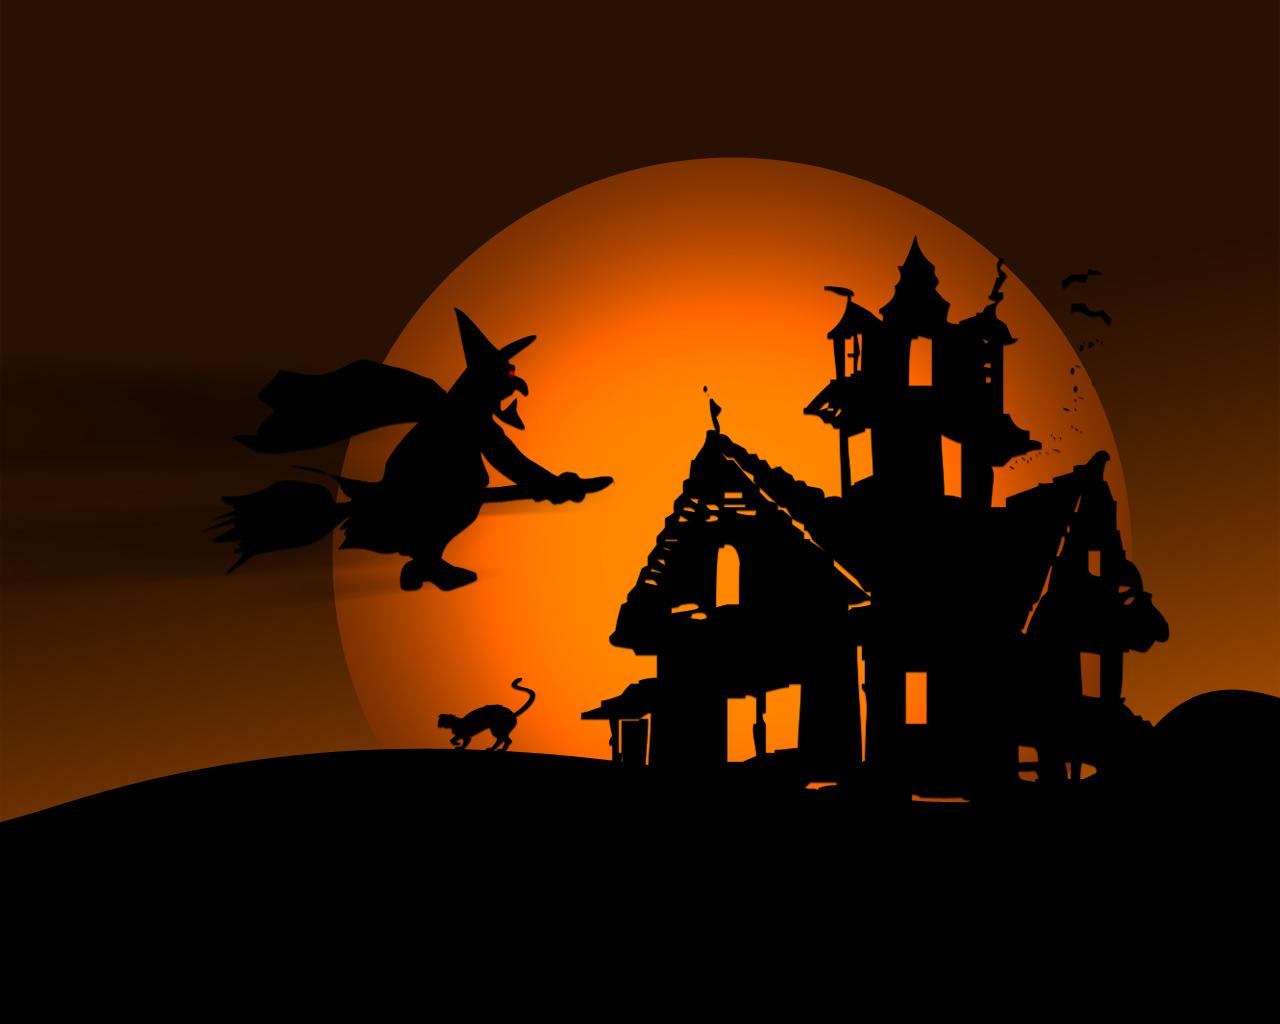 http://3.bp.blogspot.com/_J9PlRvGGXS8/Swsu28D6P6I/AAAAAAAACTs/pddKCgjjK-Y/s1600/halloween-wallpaper-2.jpg